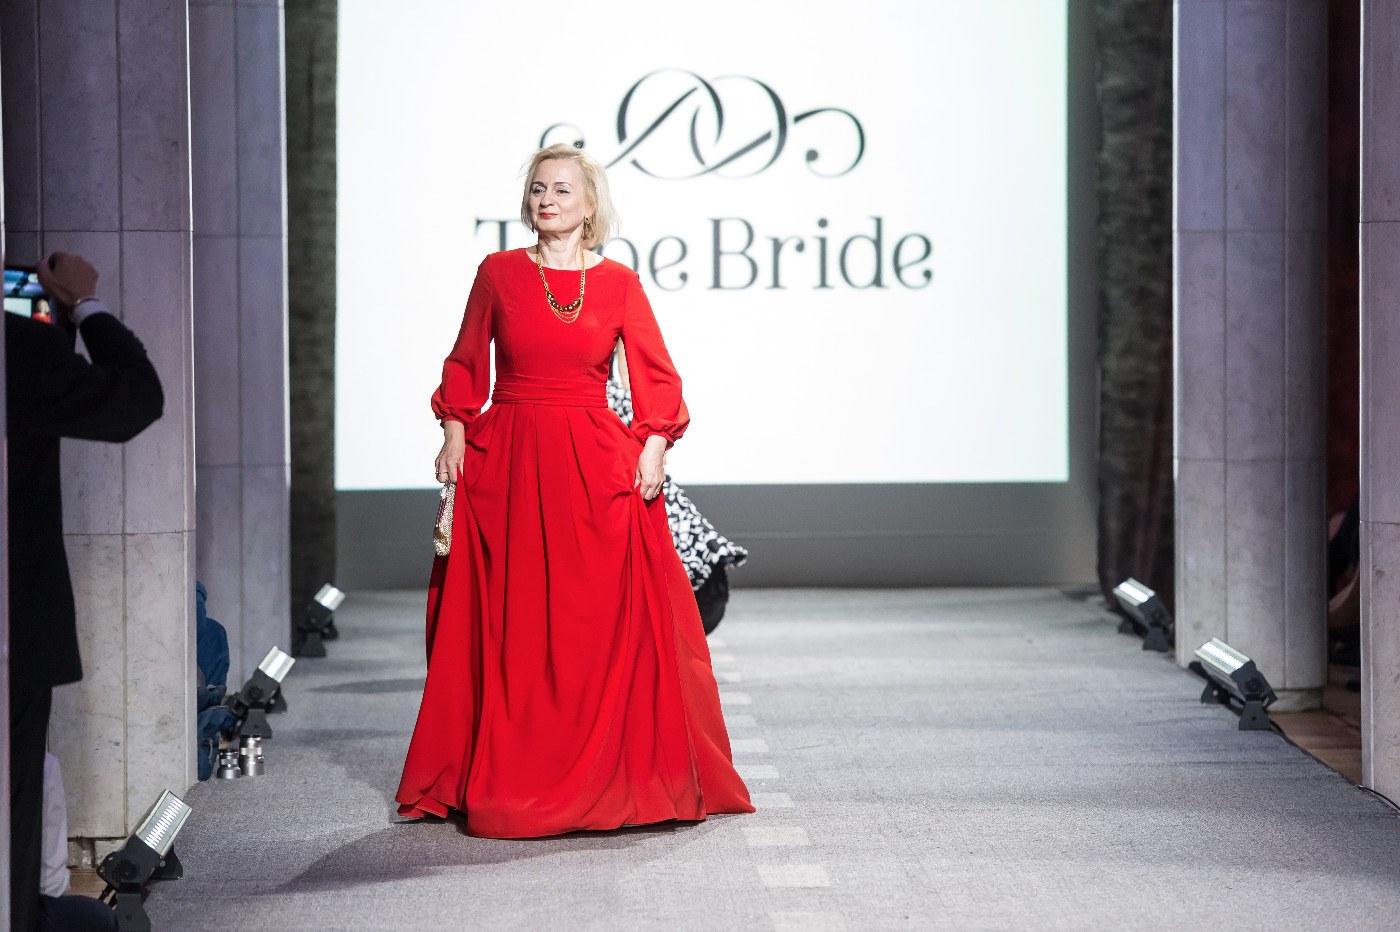 0d5b79a47459527 Женщины за 50 становятся мудрыми и шикарными. Для того, чтобы выглядеть  превосходно даже в таком возрасте, очень важно подобрать правильный  гардероб. Мода ...